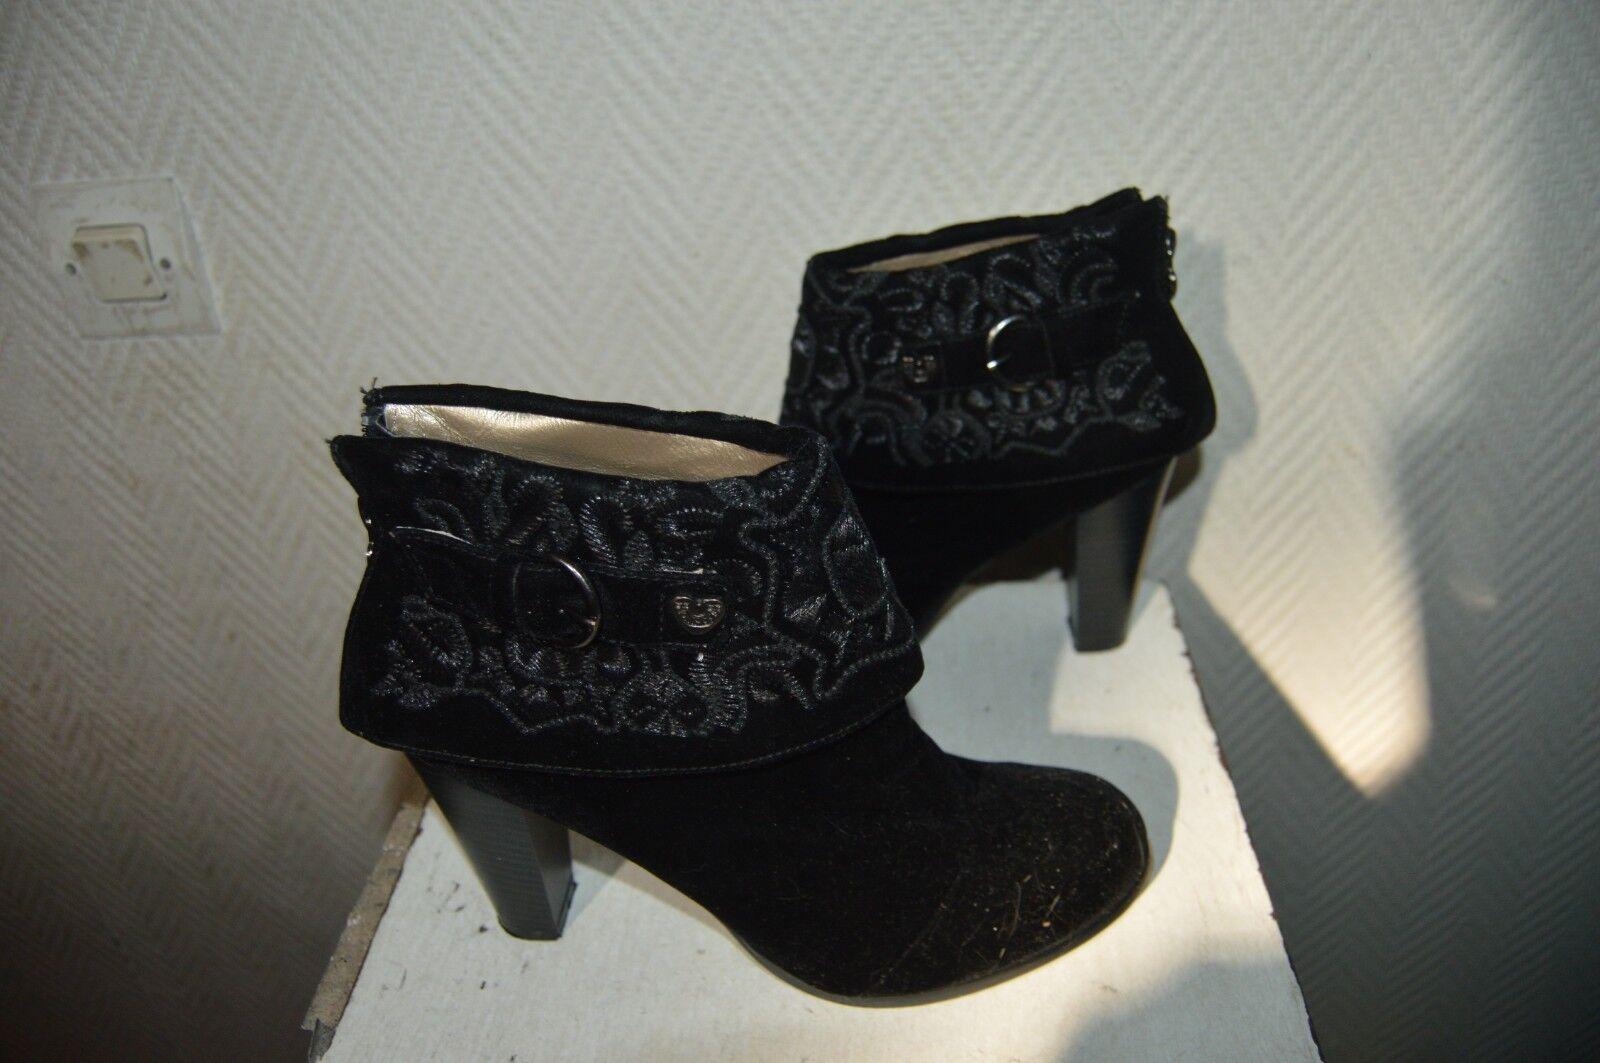 CHAUSSURE BOTTINES TALON  LOLLIPOPS  size 37  BOOTS SHOES shoes STIVALI